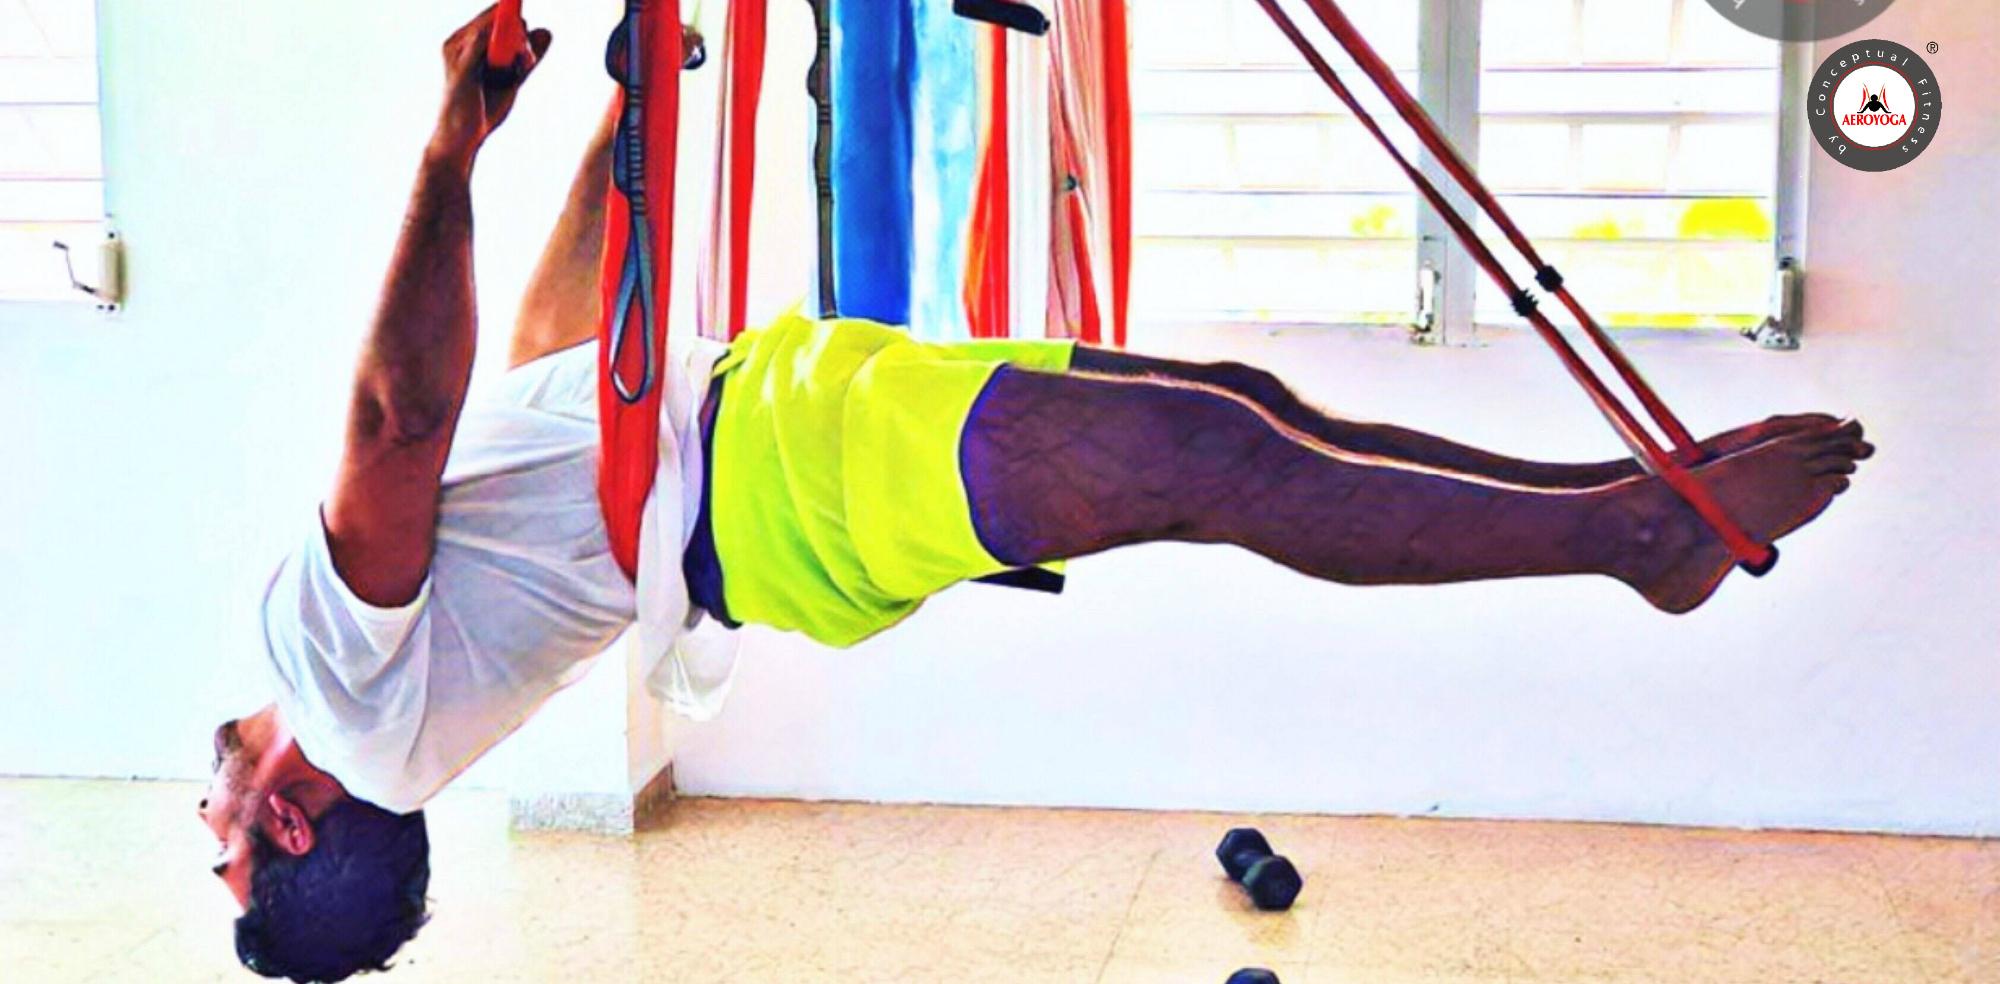 Yoga Aérea; Practicar AeroYoga® Te da Resultados, Descúbrelo con Rafael Martinez